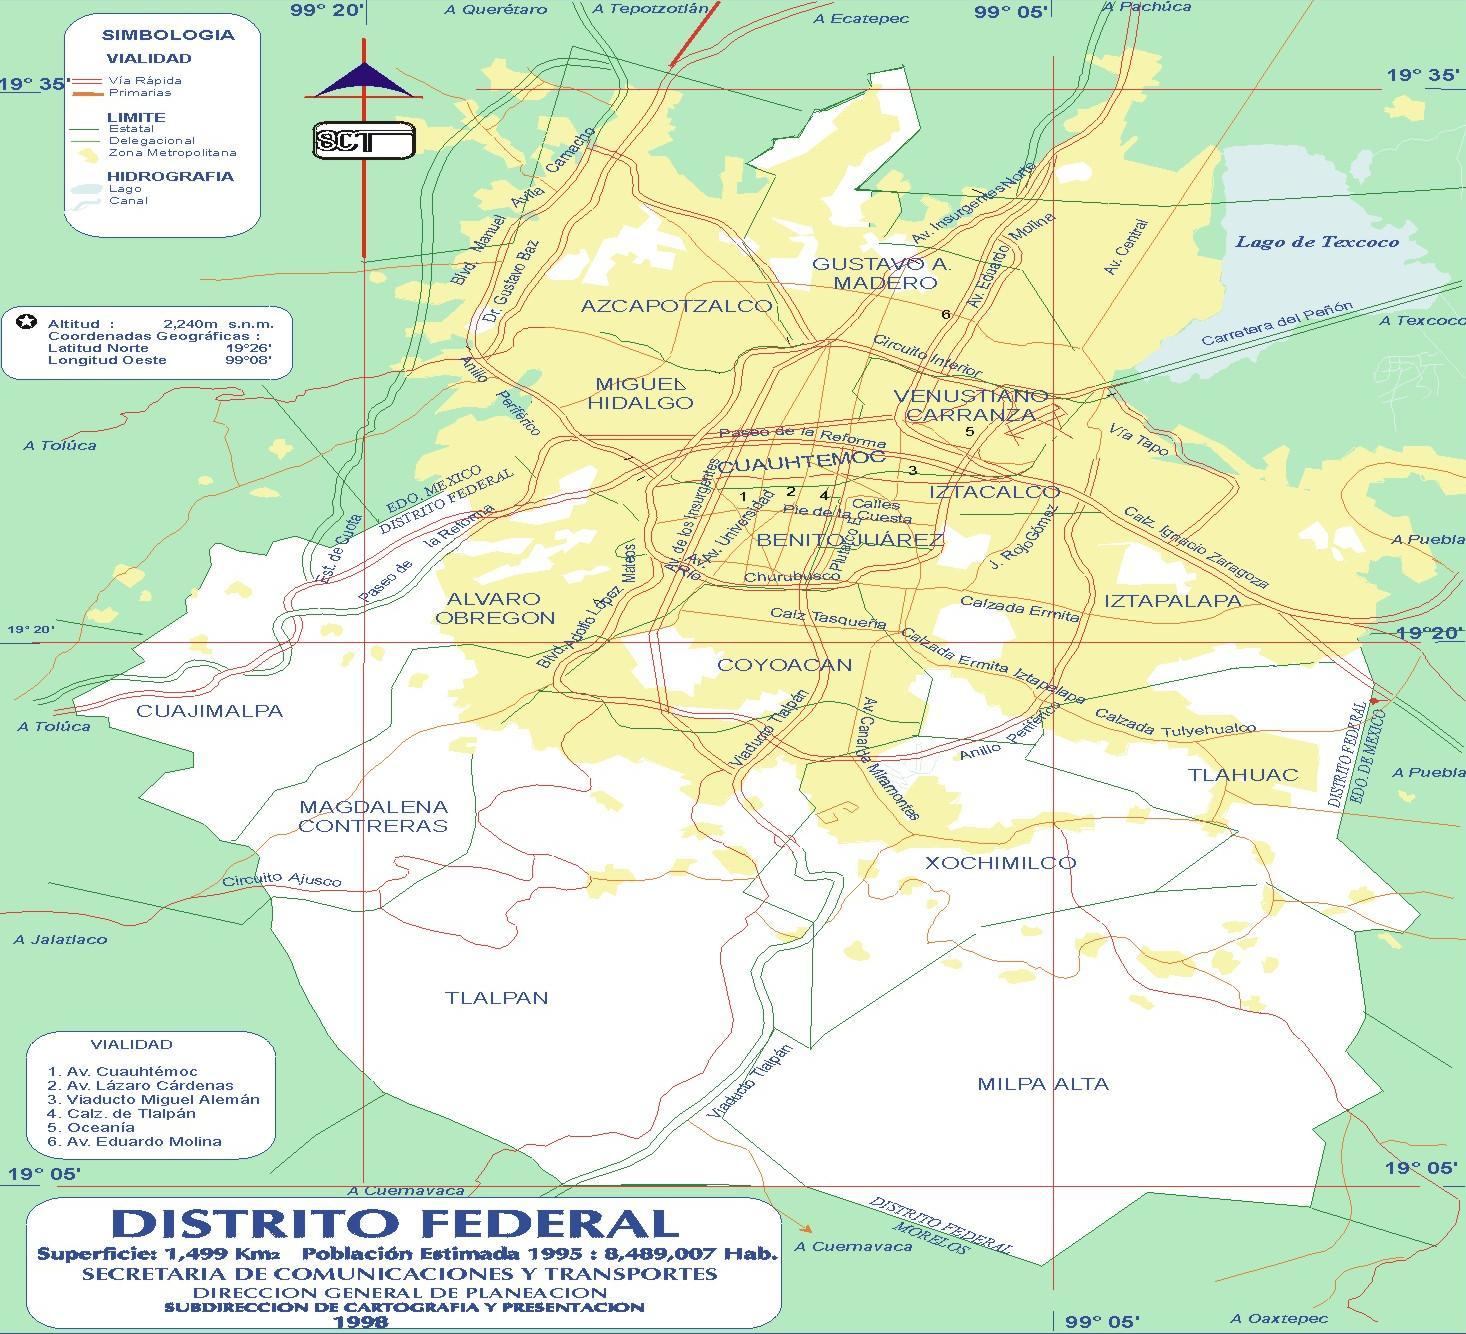 Mapa del Distrito Federal, Mexico